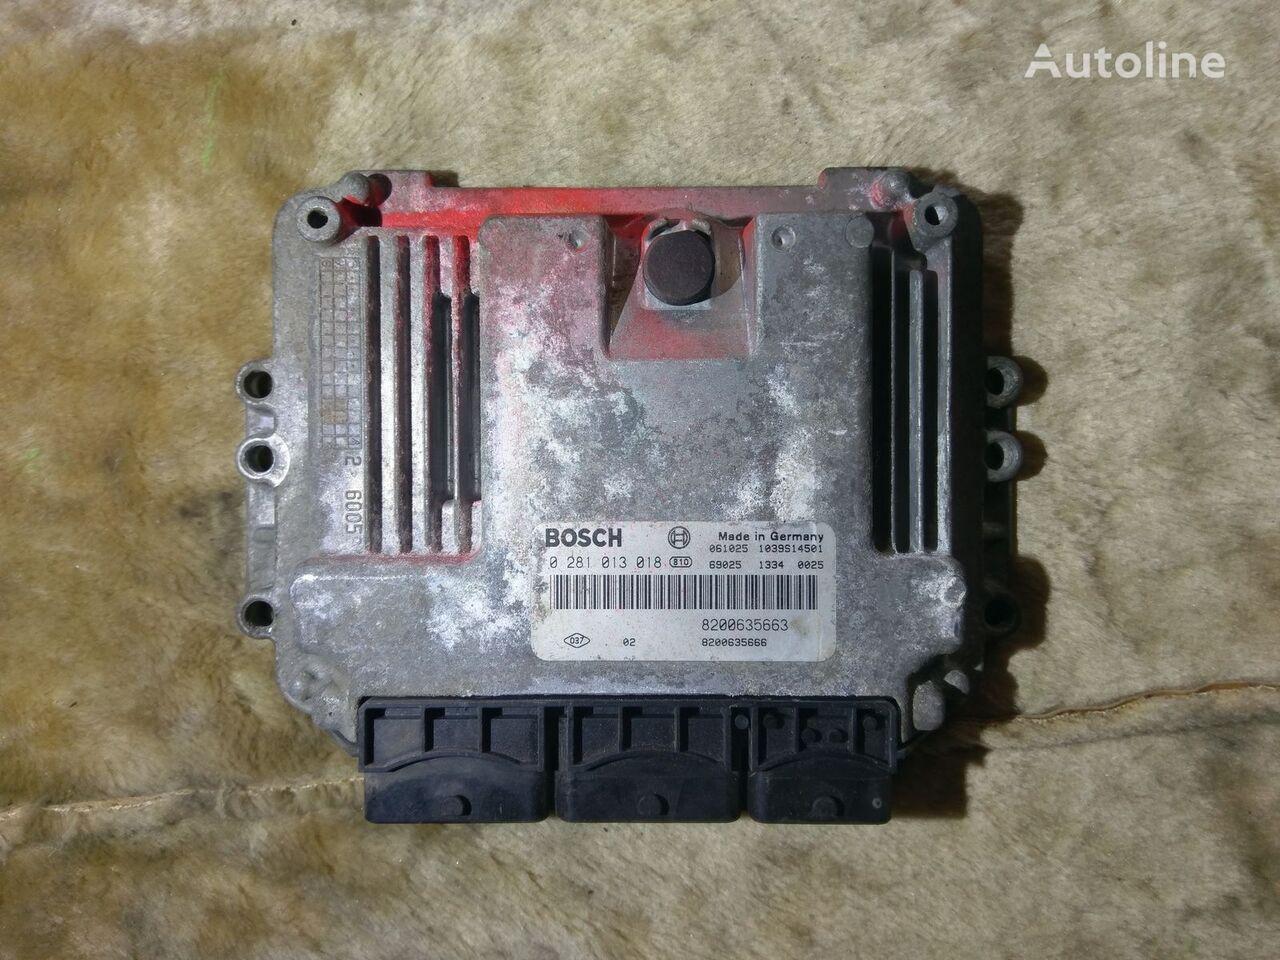 unidad de control BOSCH 0281013018 8200635663 8200635666 para furgoneta RENAULT MOVANO